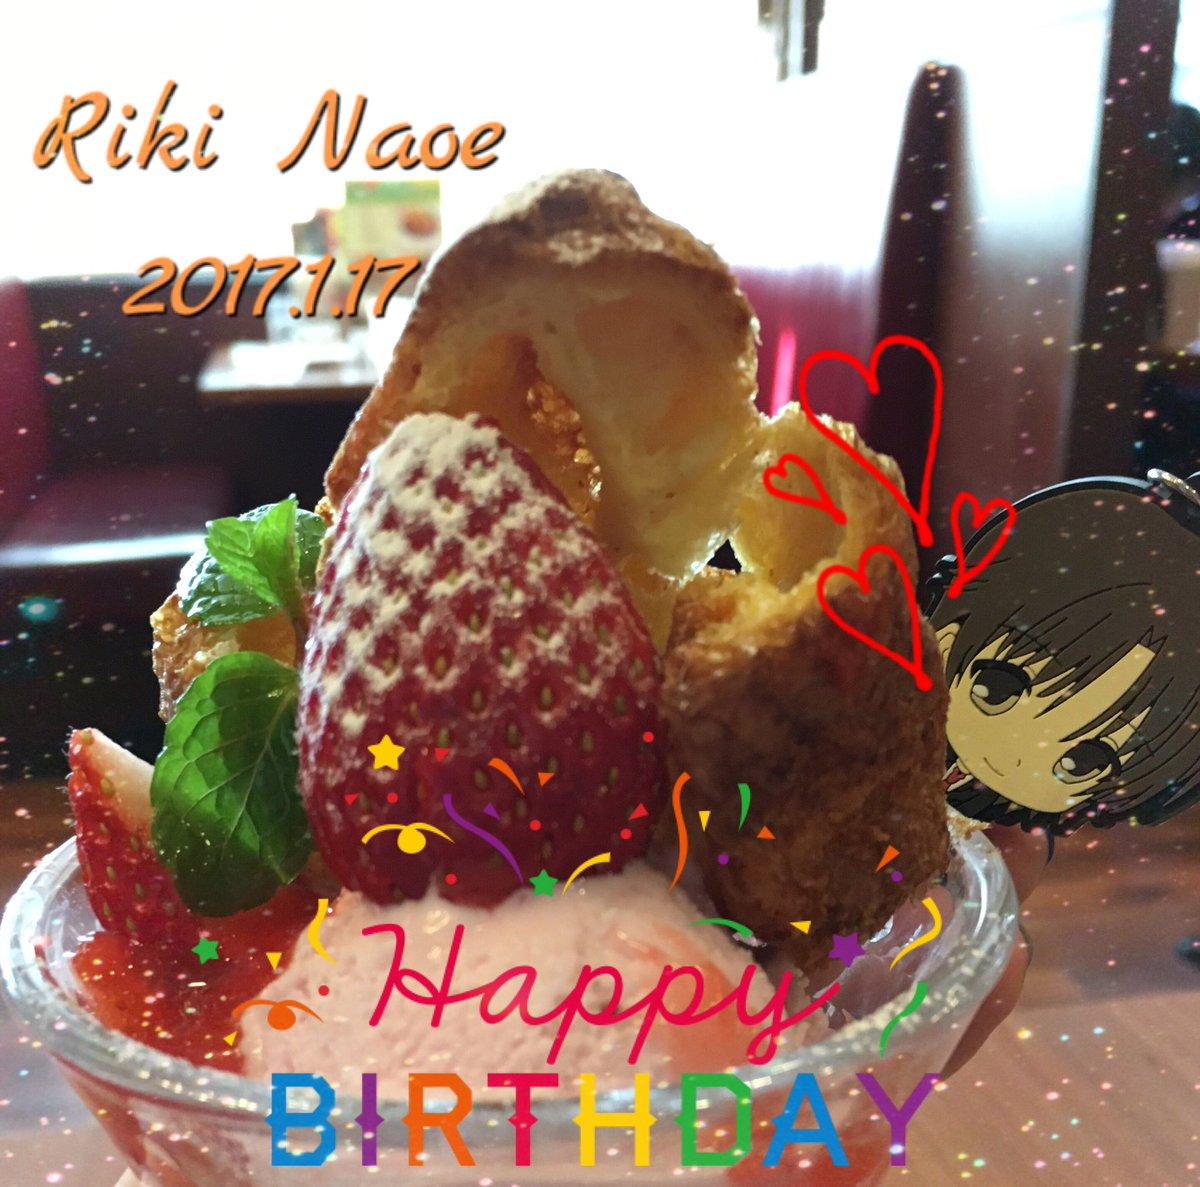 理樹くんお誕生日おめでとう〜!リトバス十周年な今年も理樹くんにとって幸せな一年になりますように!!これからもリトルバスタ